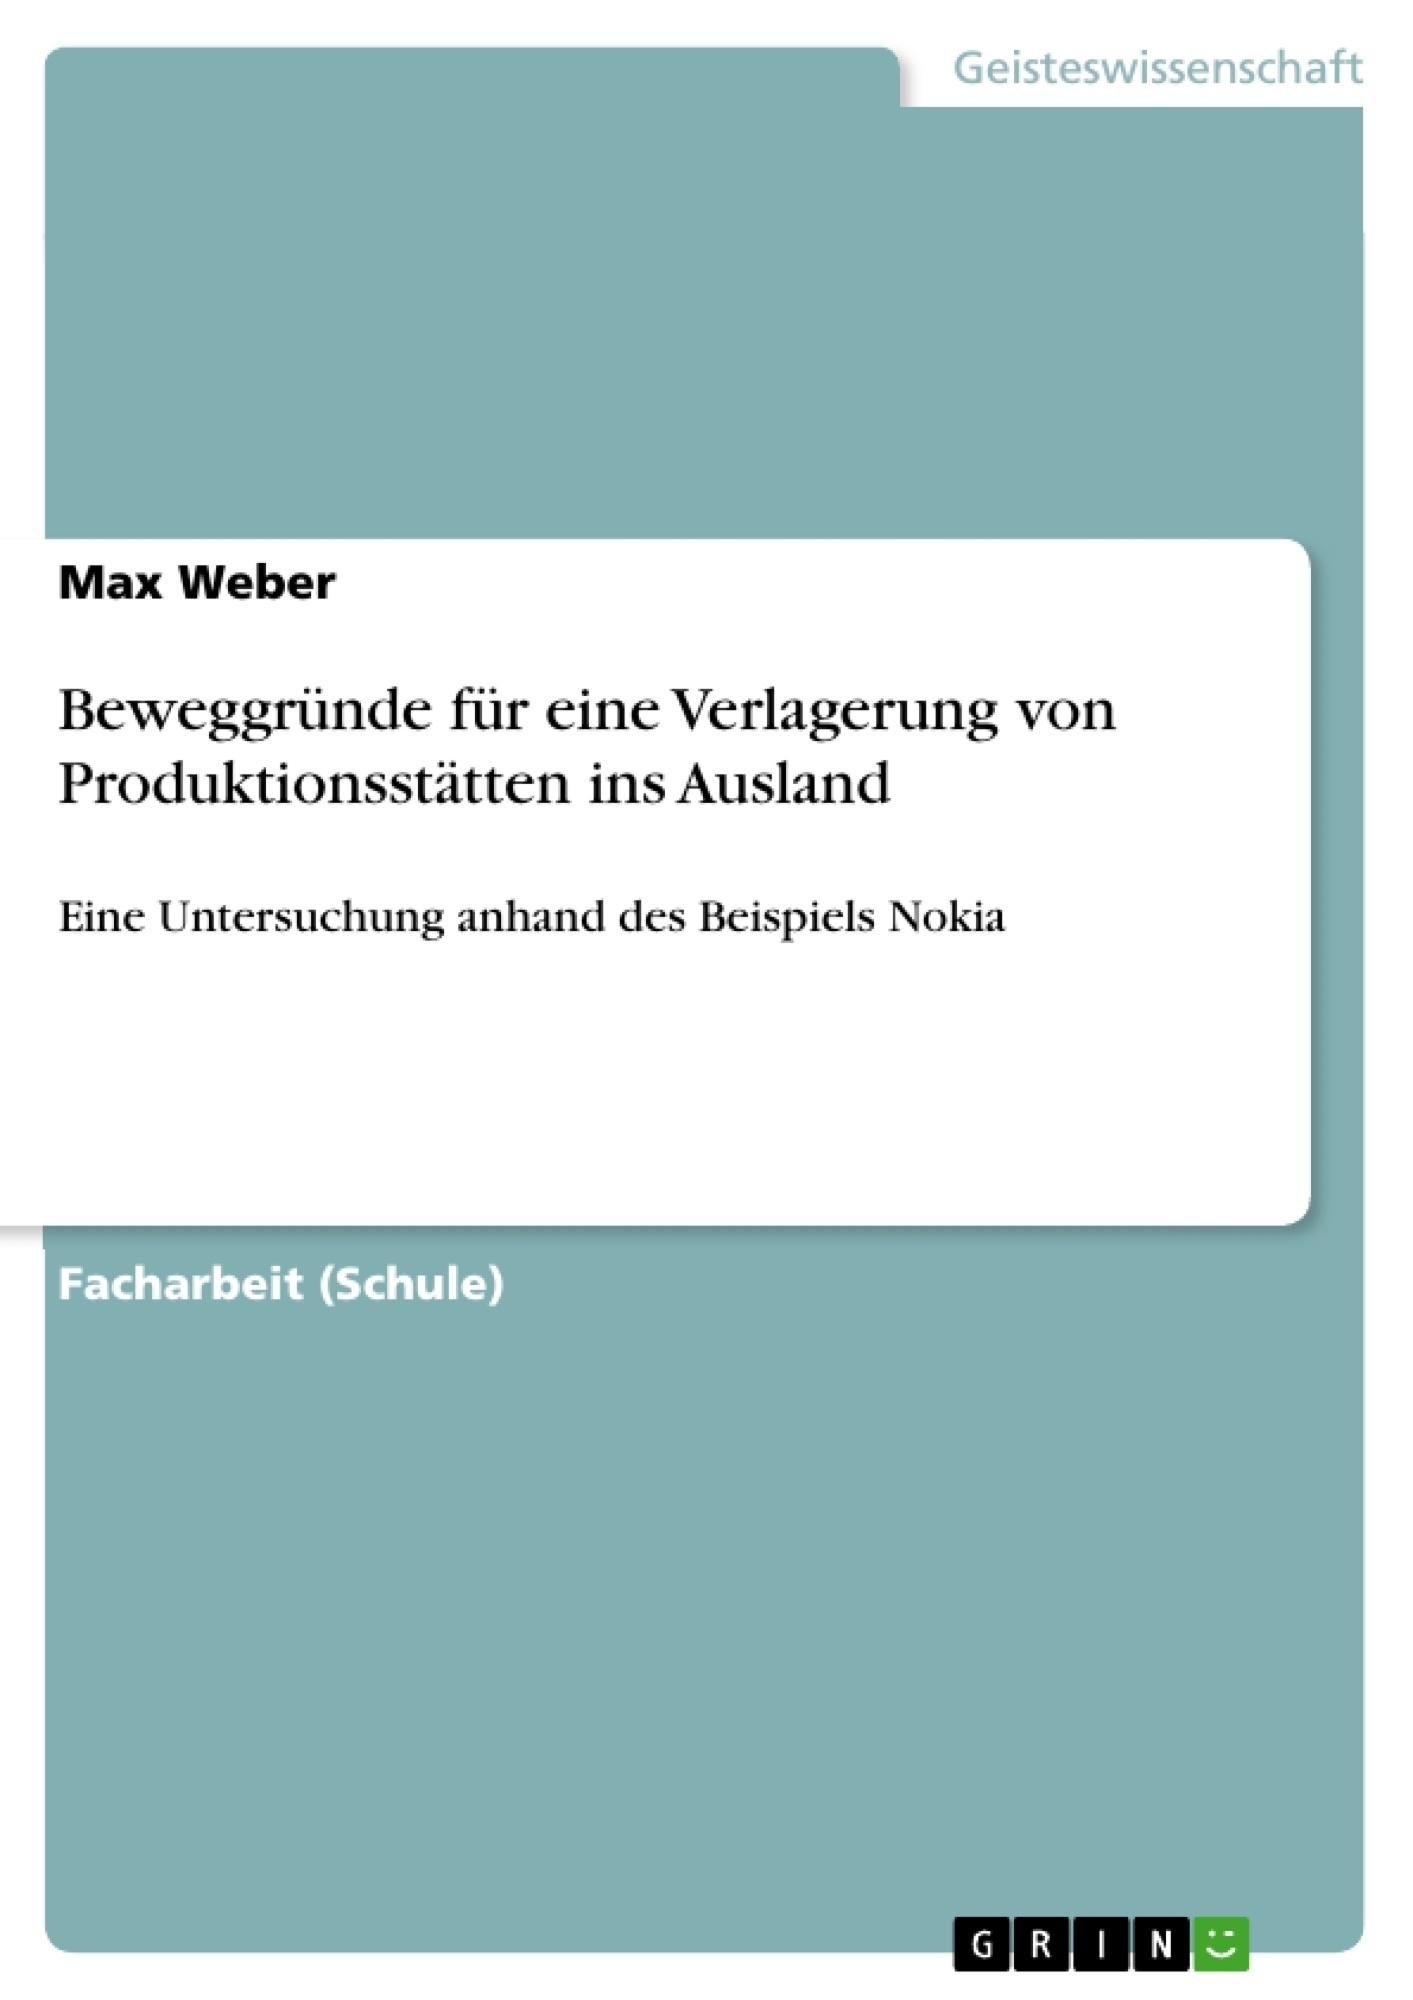 Titel: Beweggründe für eine Verlagerung von Produktionsstätten ins Ausland